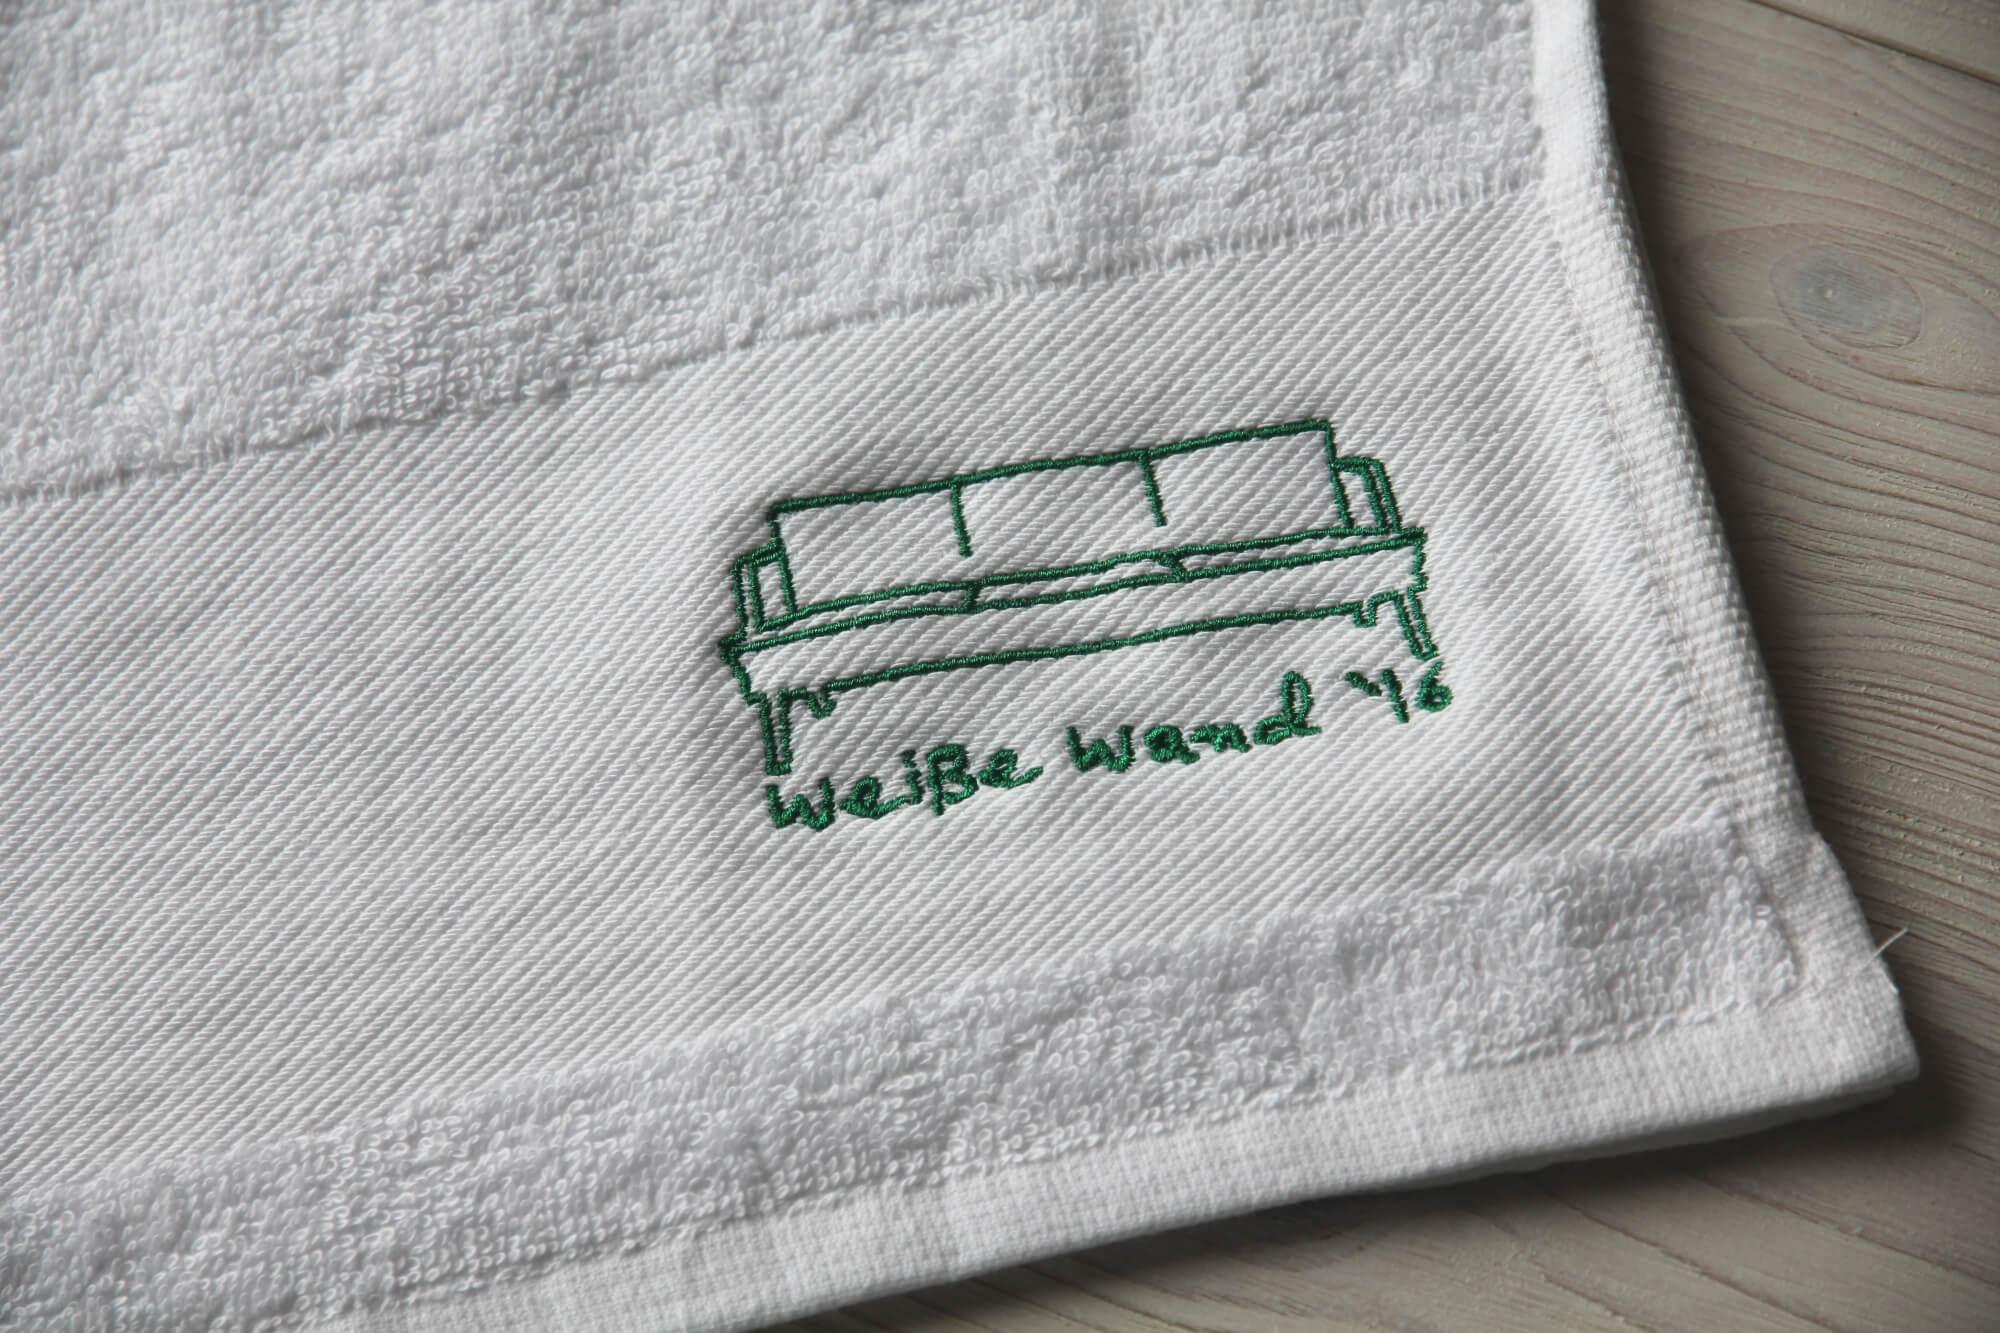 mÜtzeria plus: weißes tuch für weiße wand - mÜtzeria - mach dir